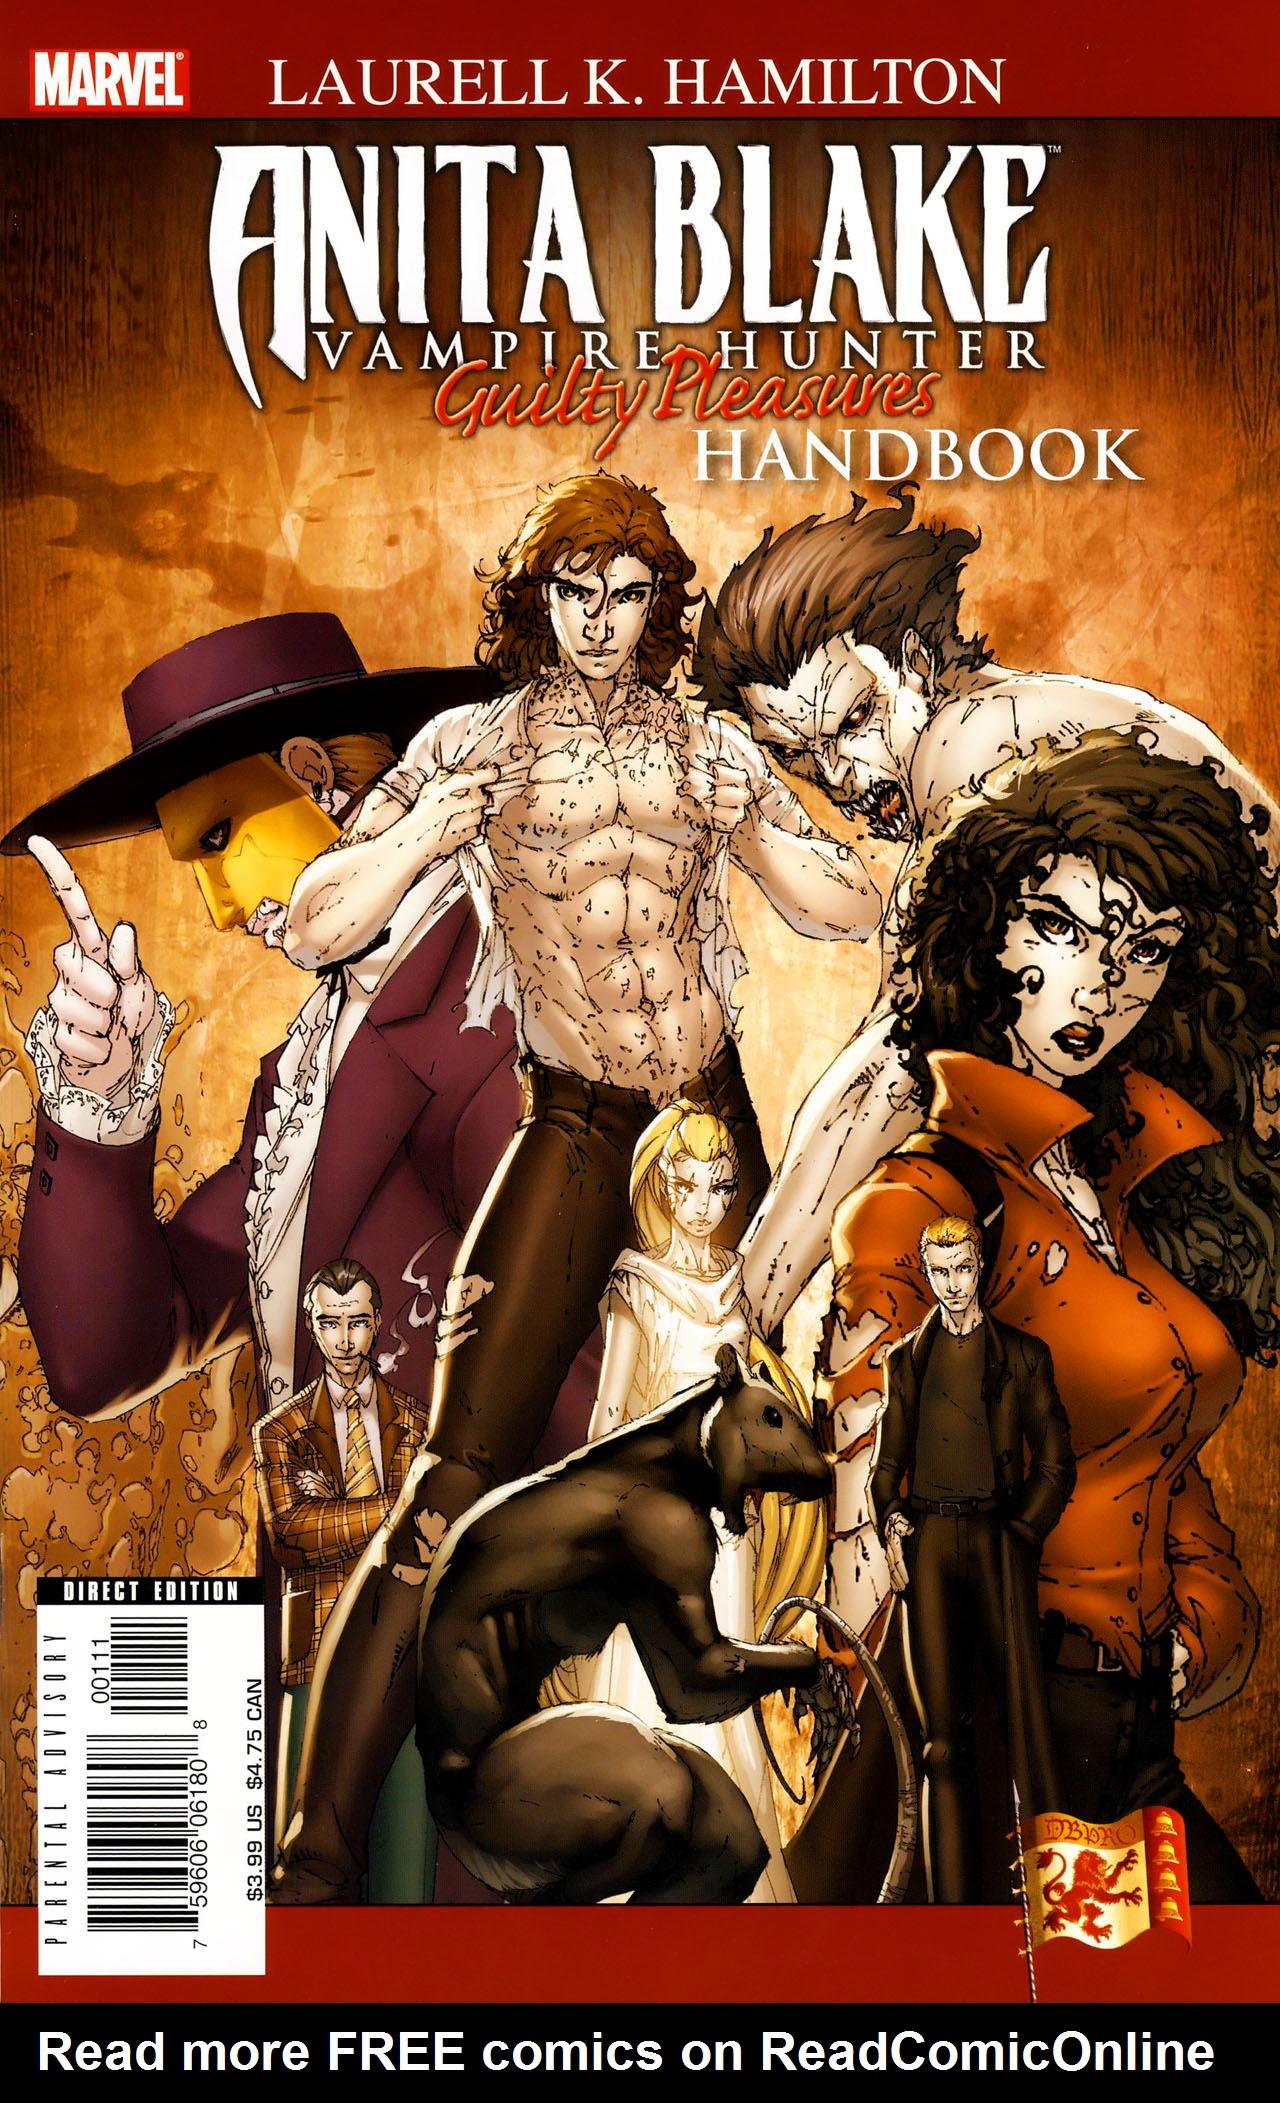 Anita Blake, Vampire Hunter: Guilty Pleasures Handbook Full Page 1